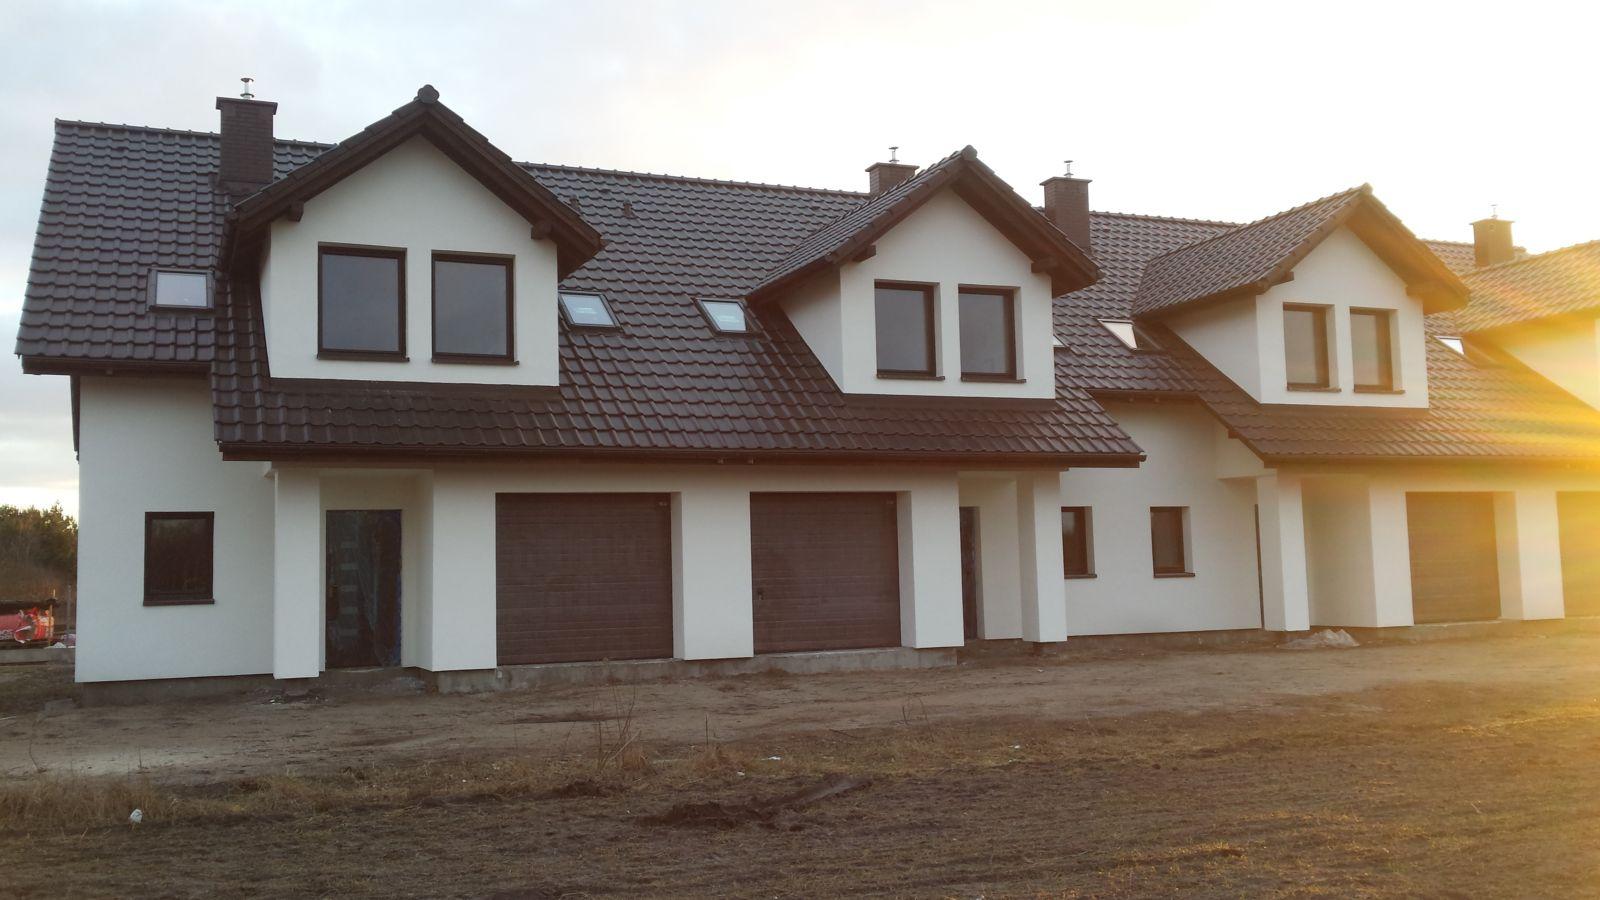 Wspaniały Domy pod klucz Bydgoszcz | Firma budowlana Bydgoszcz - Remonty LX84